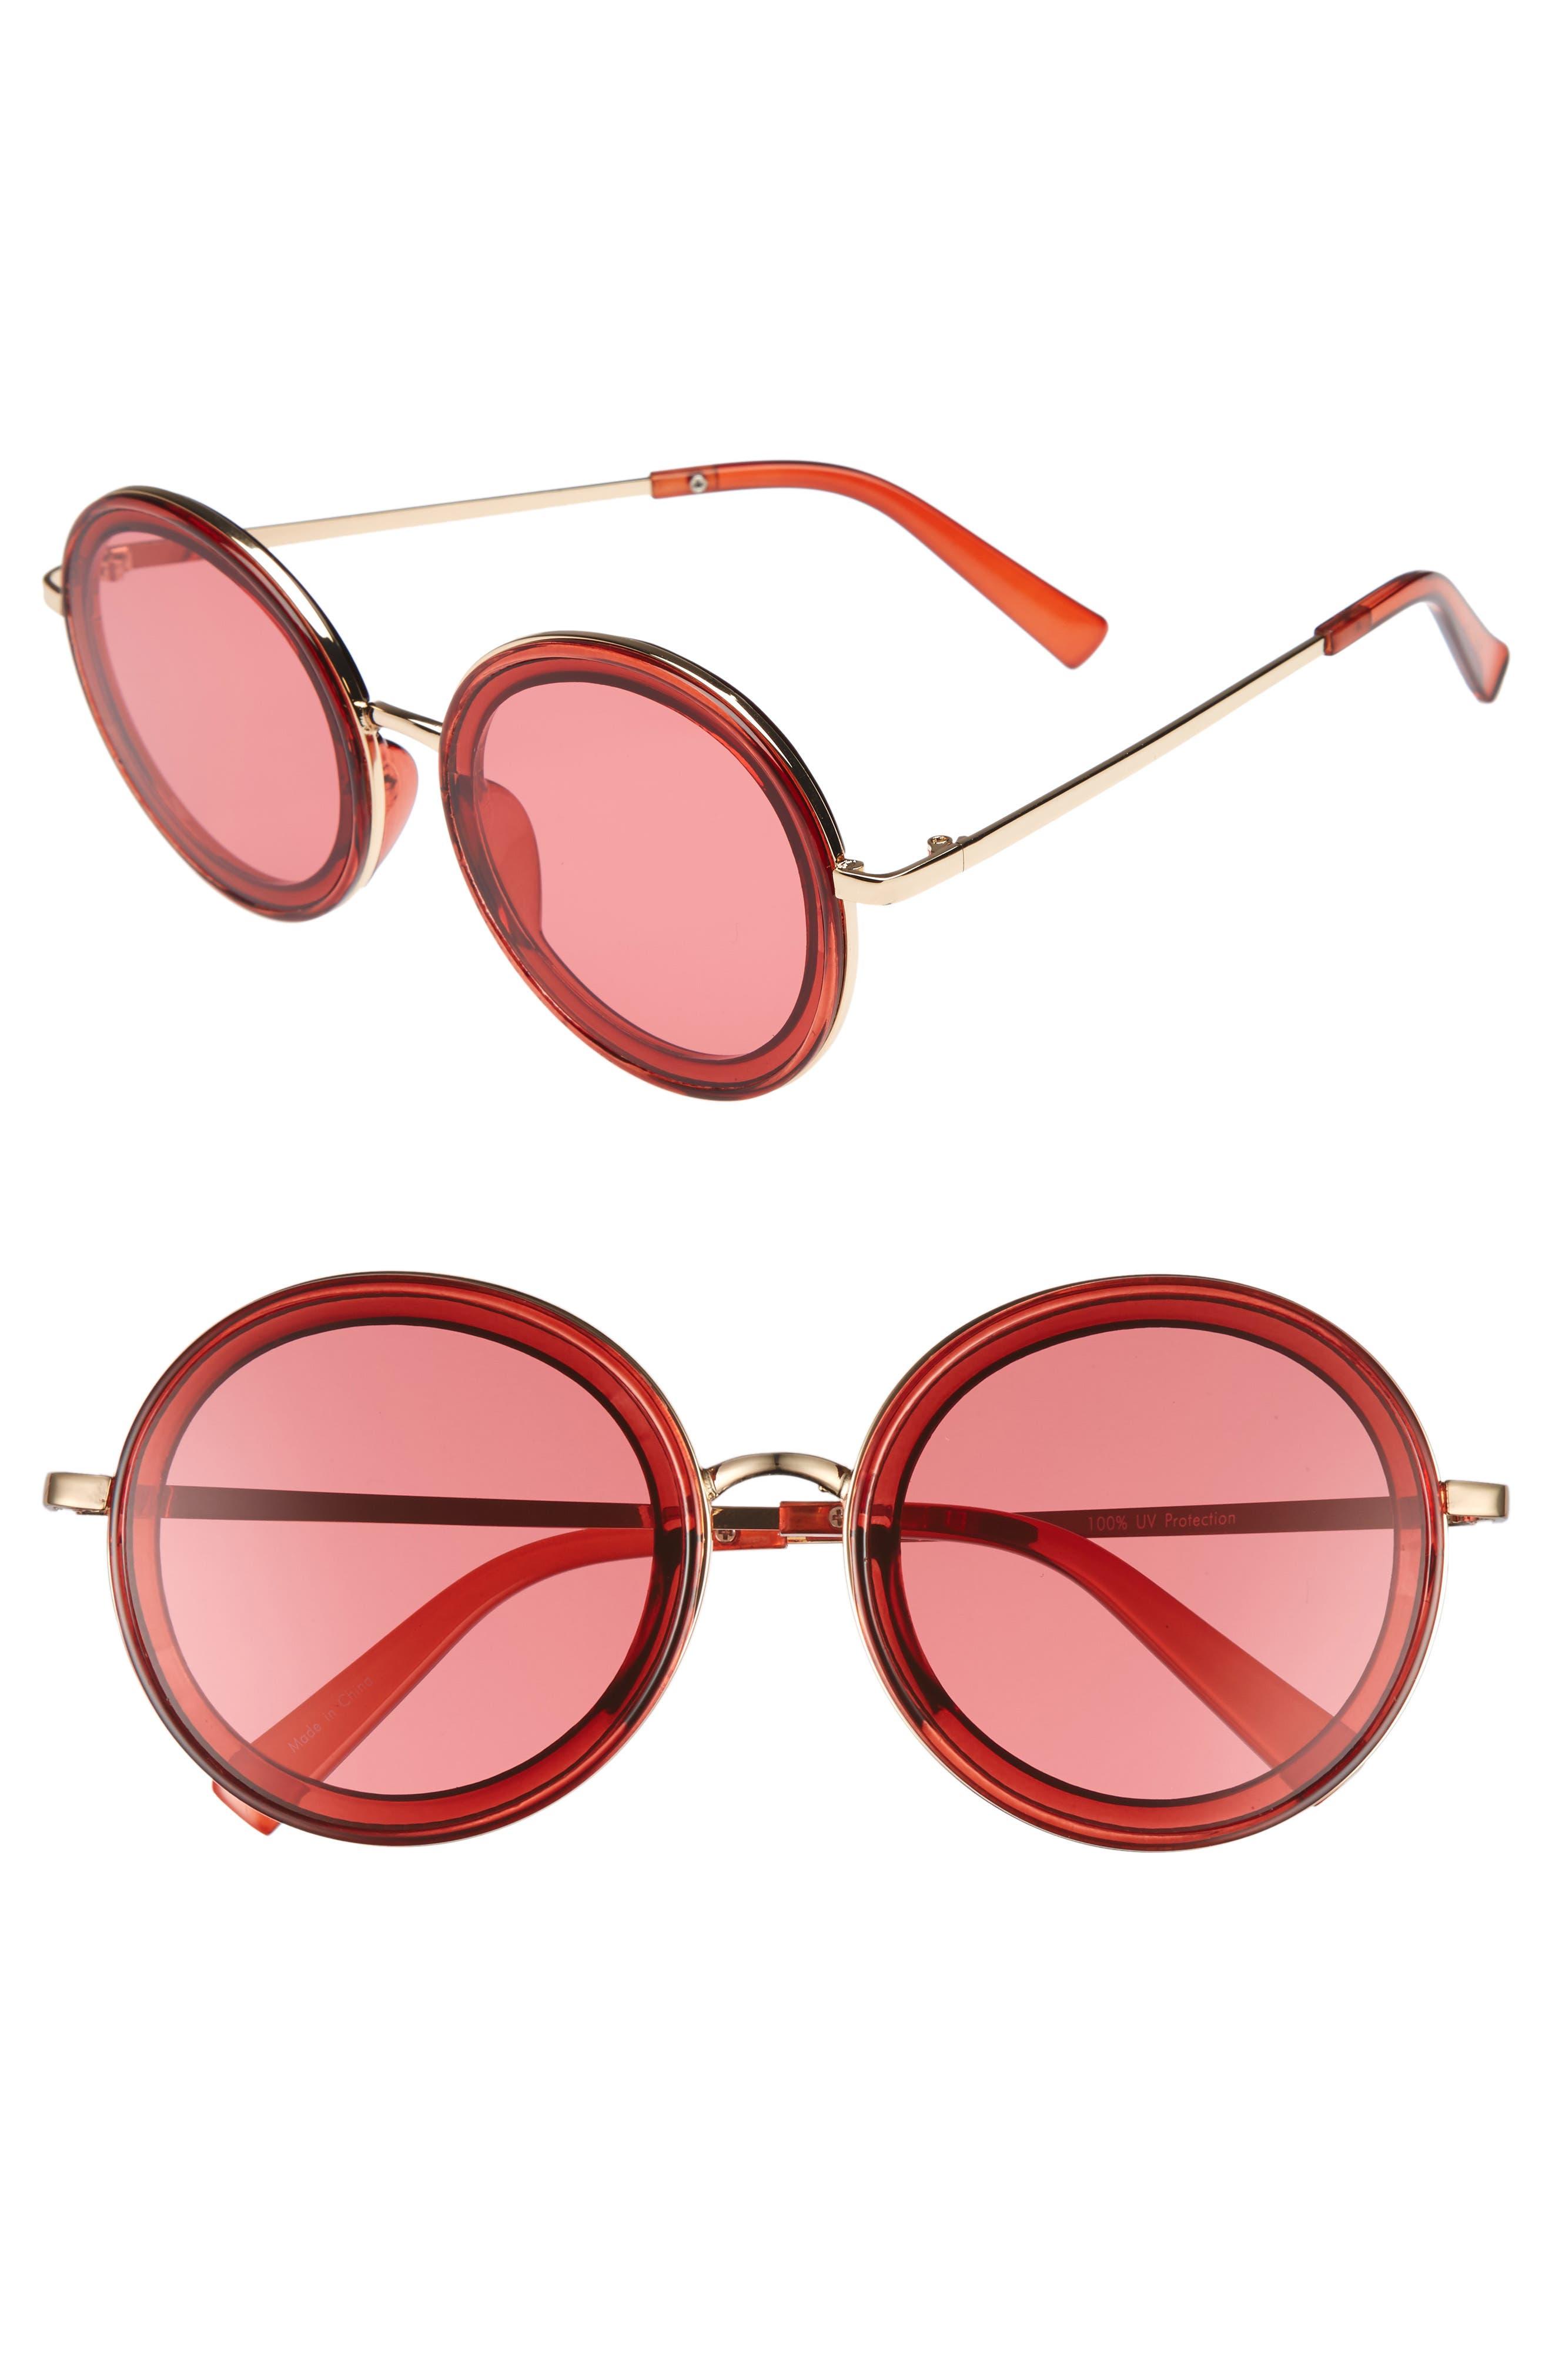 Main Image - BP. 59mm Round Sunglasses